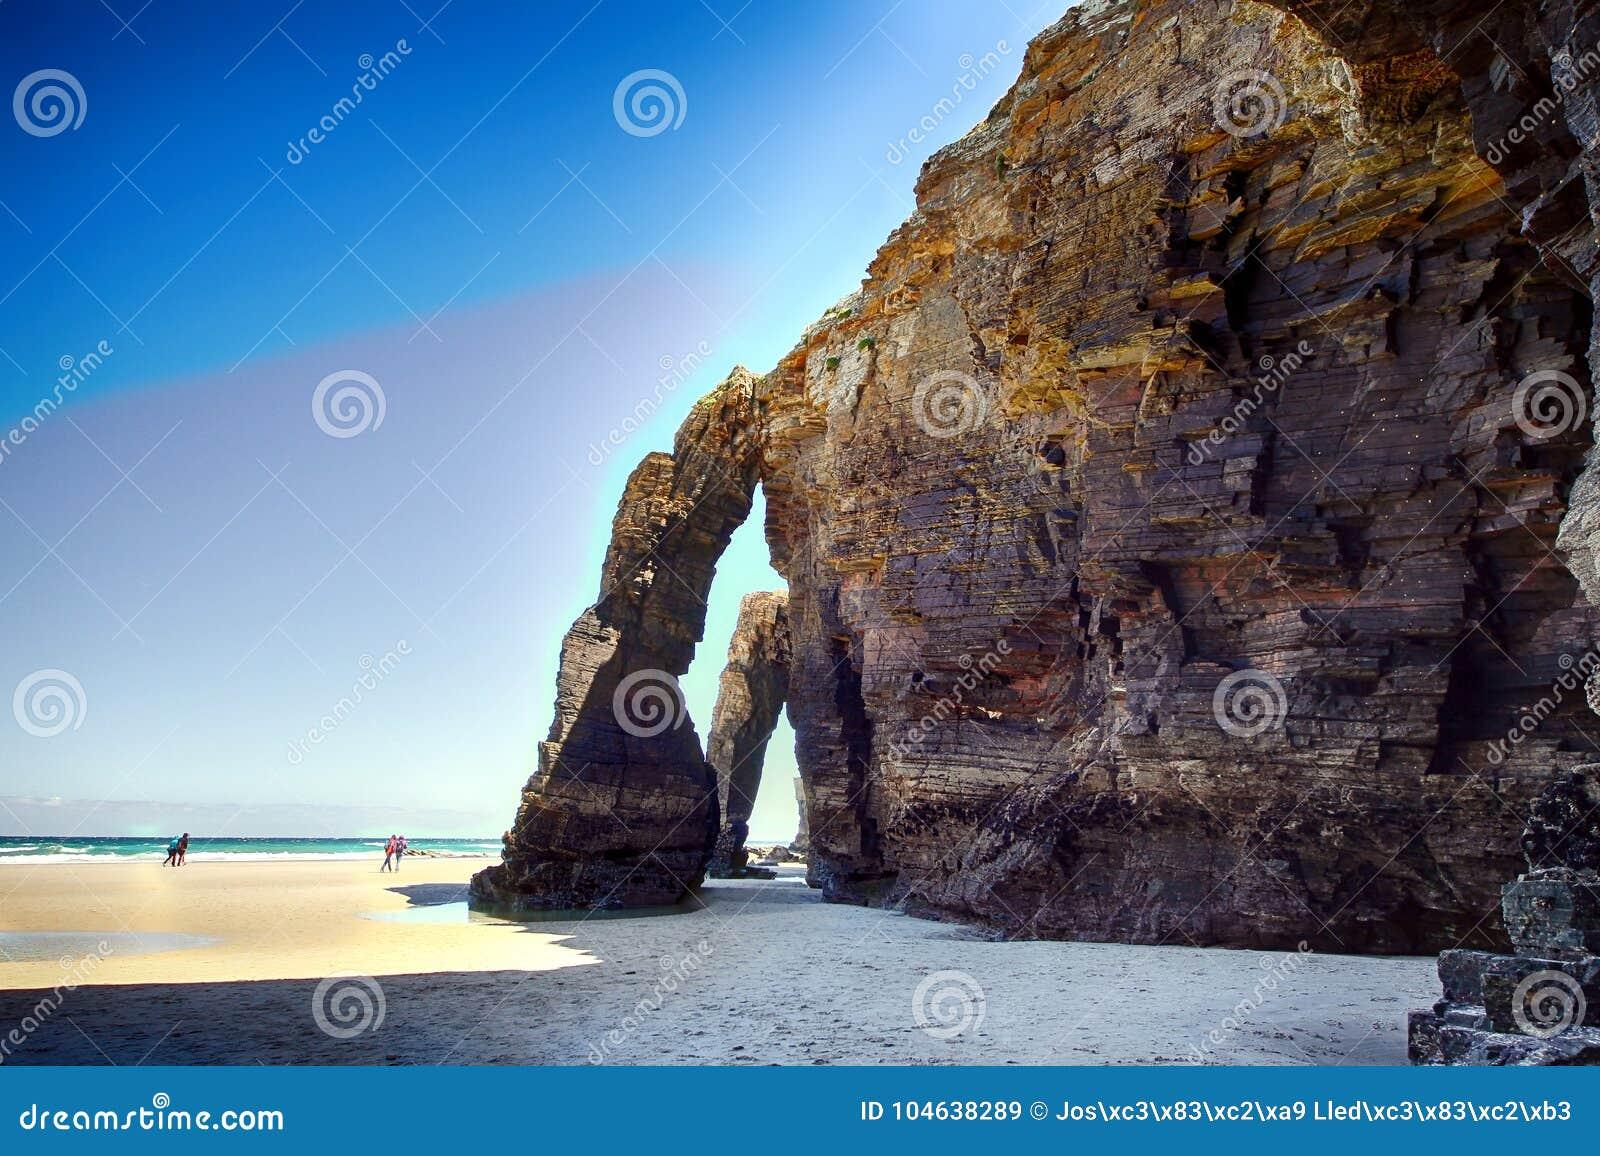 Download Het Kathedralenstrand Met De Rotsen Erosioned Door De Actie Van Het Overzees Stock Afbeelding - Afbeelding bestaande uit oceaan, kathedralen: 104638289